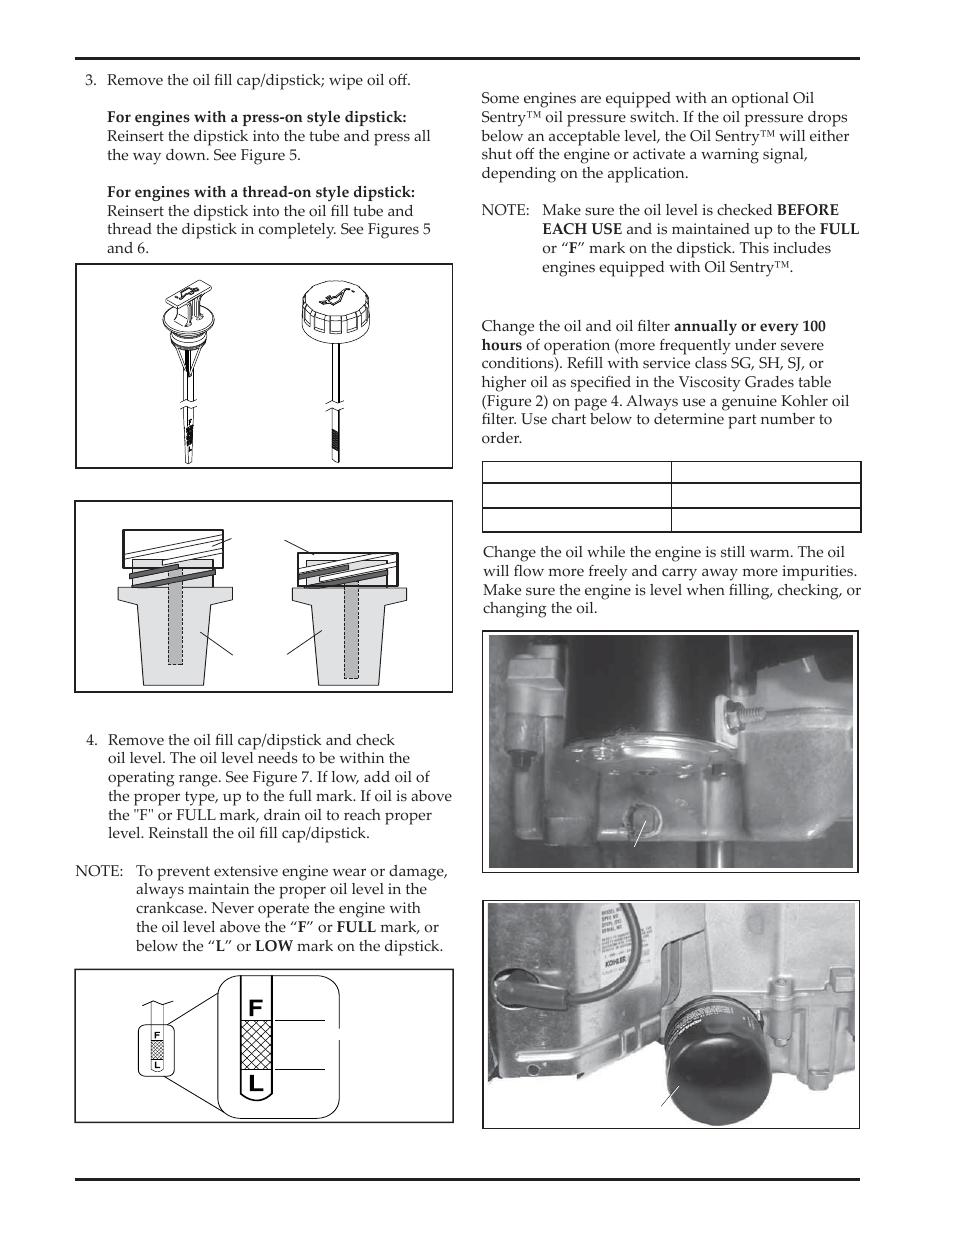 Kohler Courage Sv720 User Manual Page 8 20 Also For Engine Parts Diagram Pro Sv810 Sv715 Sv725 Sv735 Sv730 Sv840